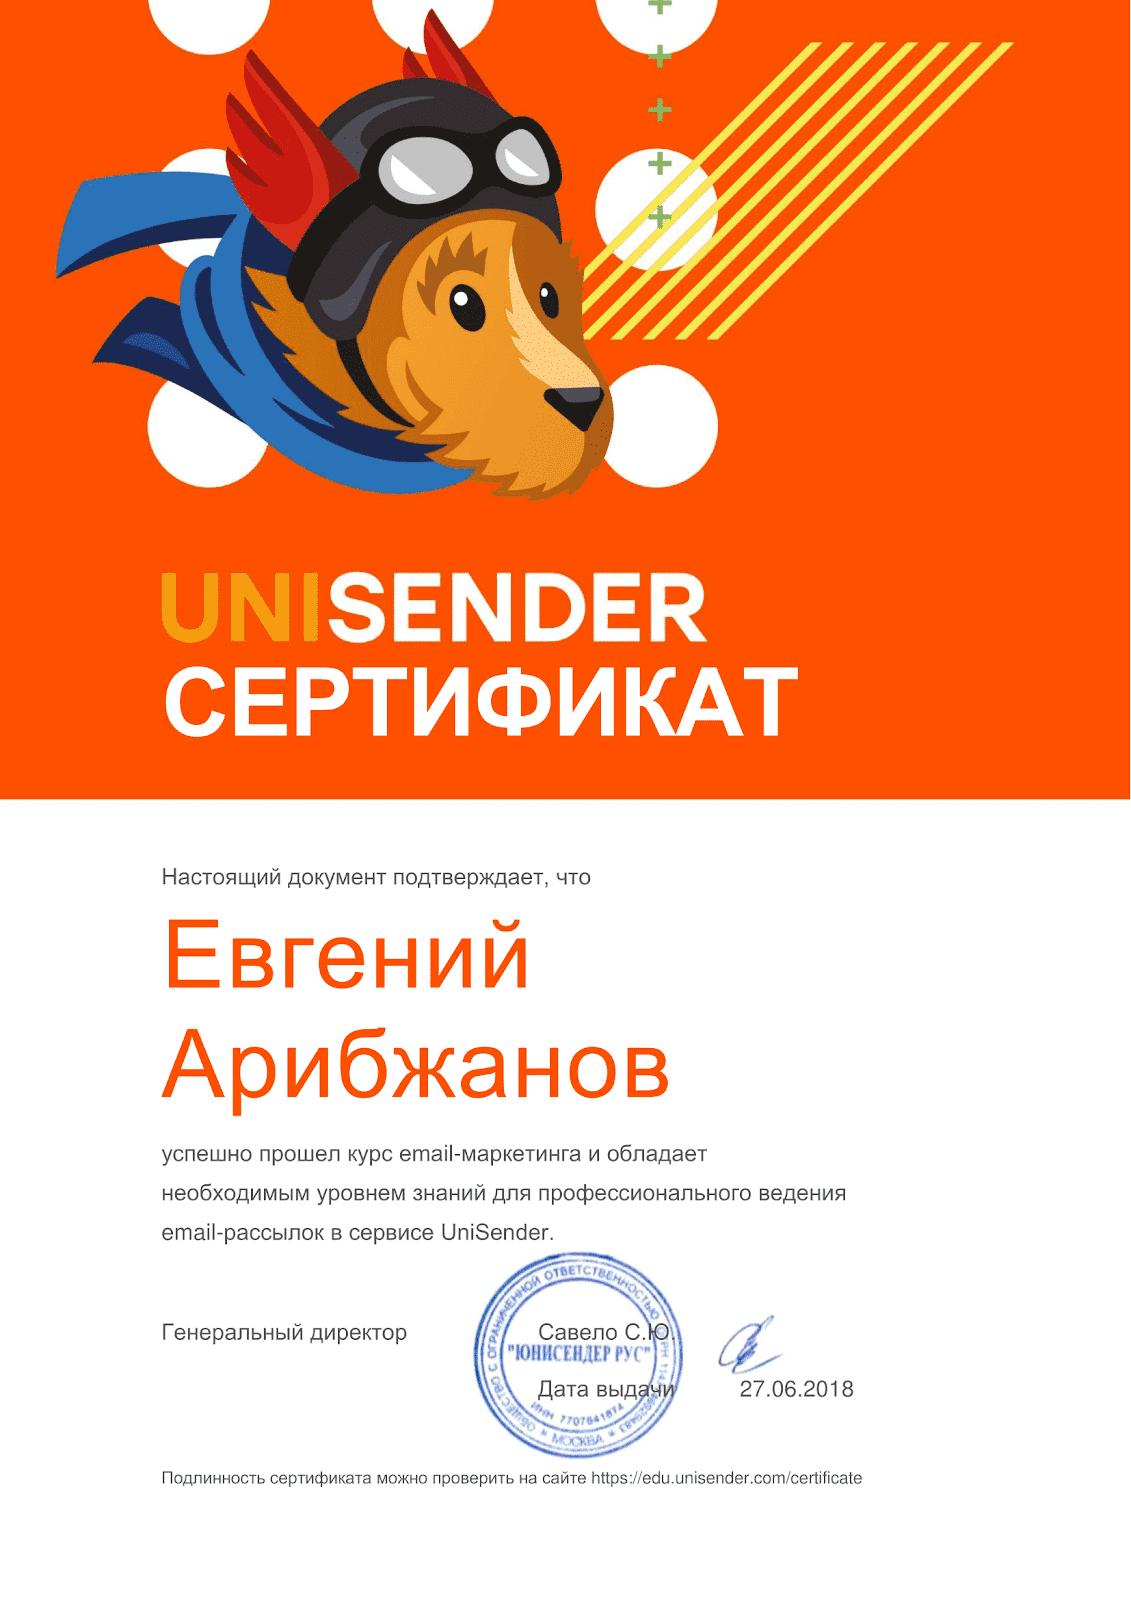 Сертификат Евгения Арибжанова